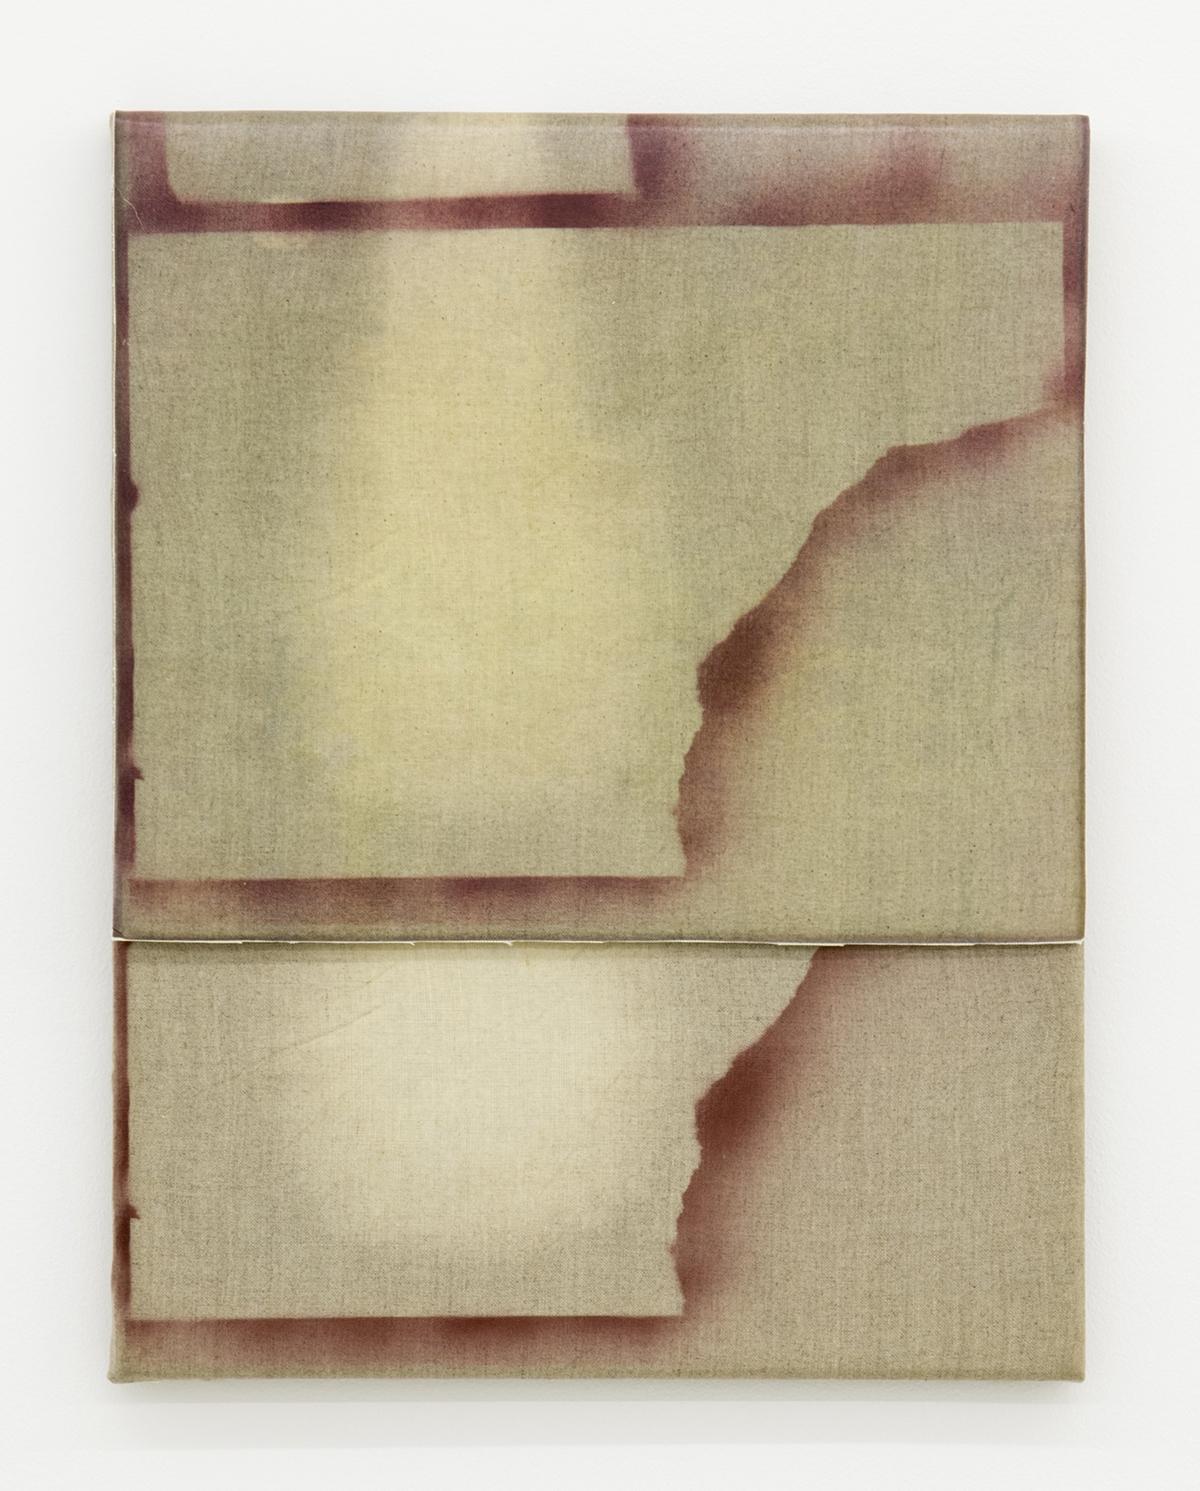 Aimée Parrott, Overlap (part 1) ,2014,Bleach and ink on linen,35 x 25 cm